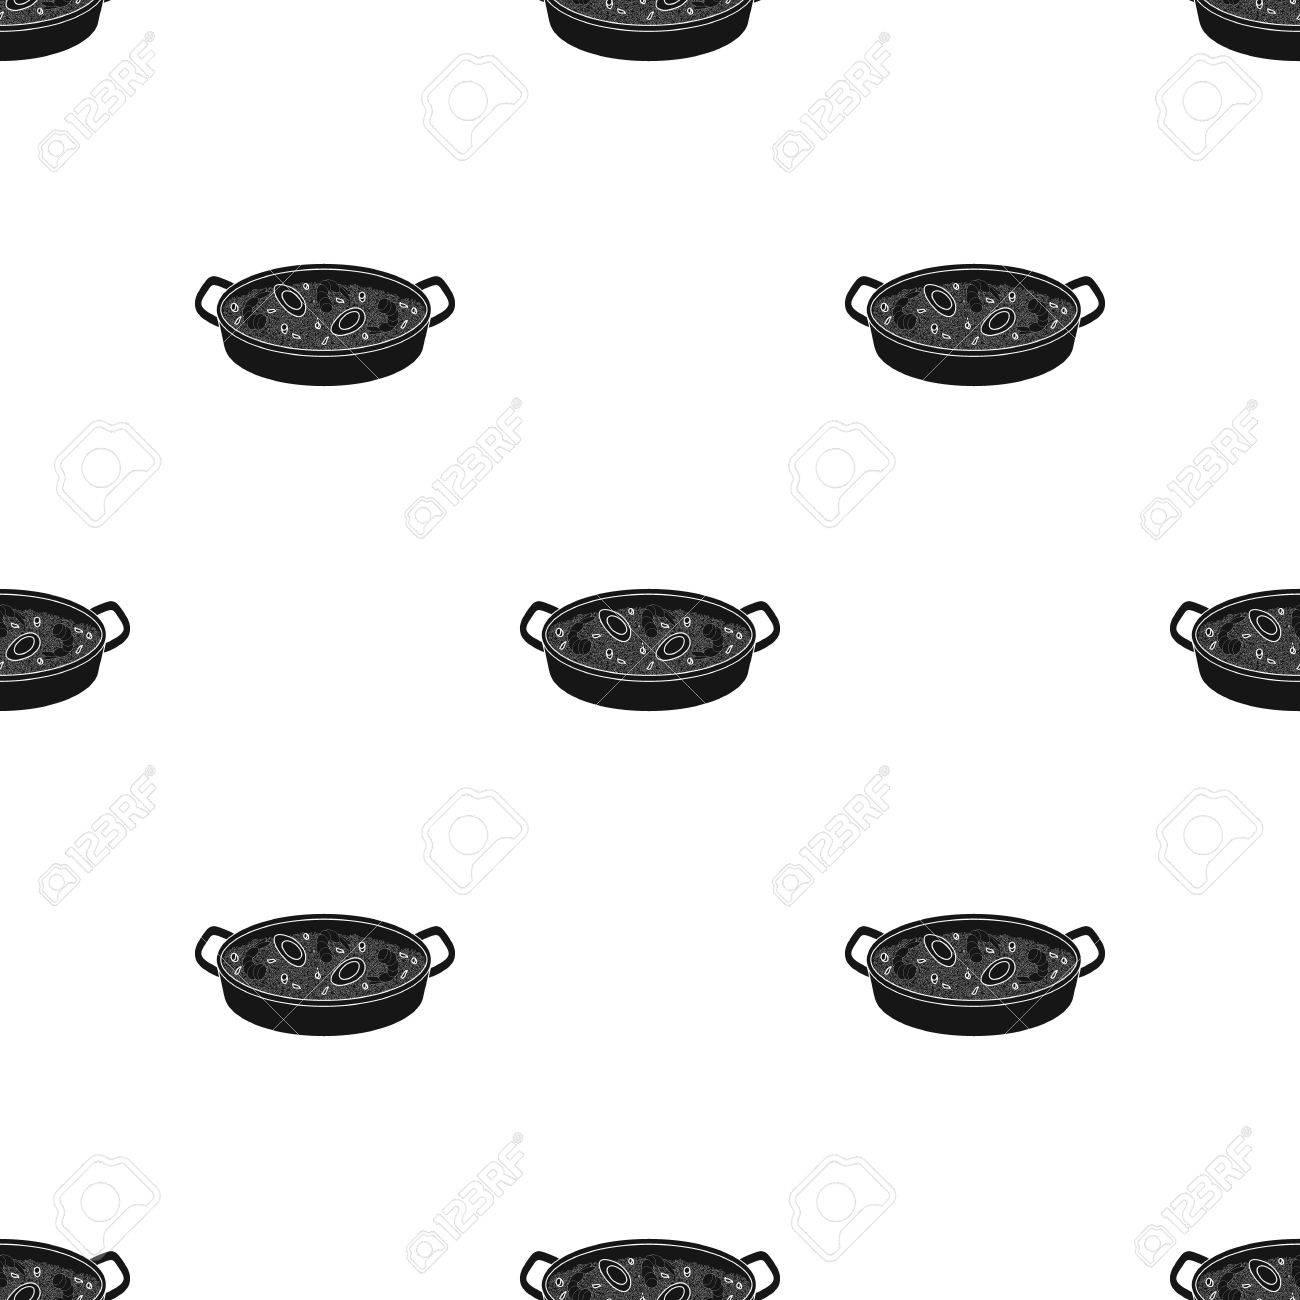 3803fe91cc2ab Foto de archivo - Icono de Paella en diseño negro aislado sobre fondo  blanco. España símbolo del país stock ilustración vectorial.